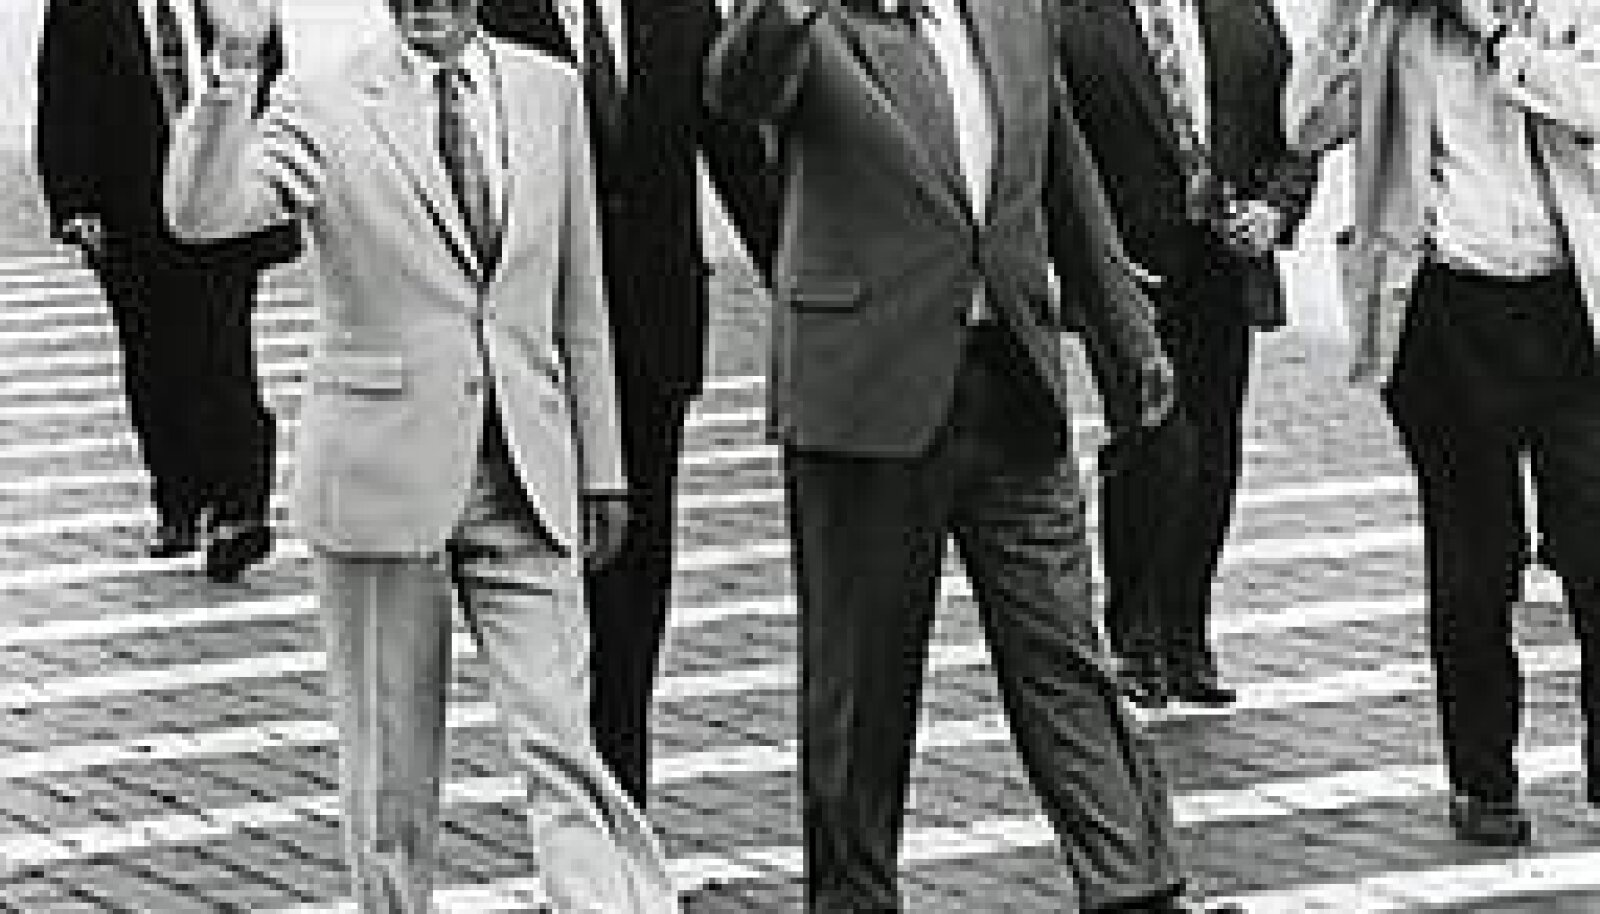 Moskva 1994: Presidentide allkirjad sai ainult venekeelne tekst.